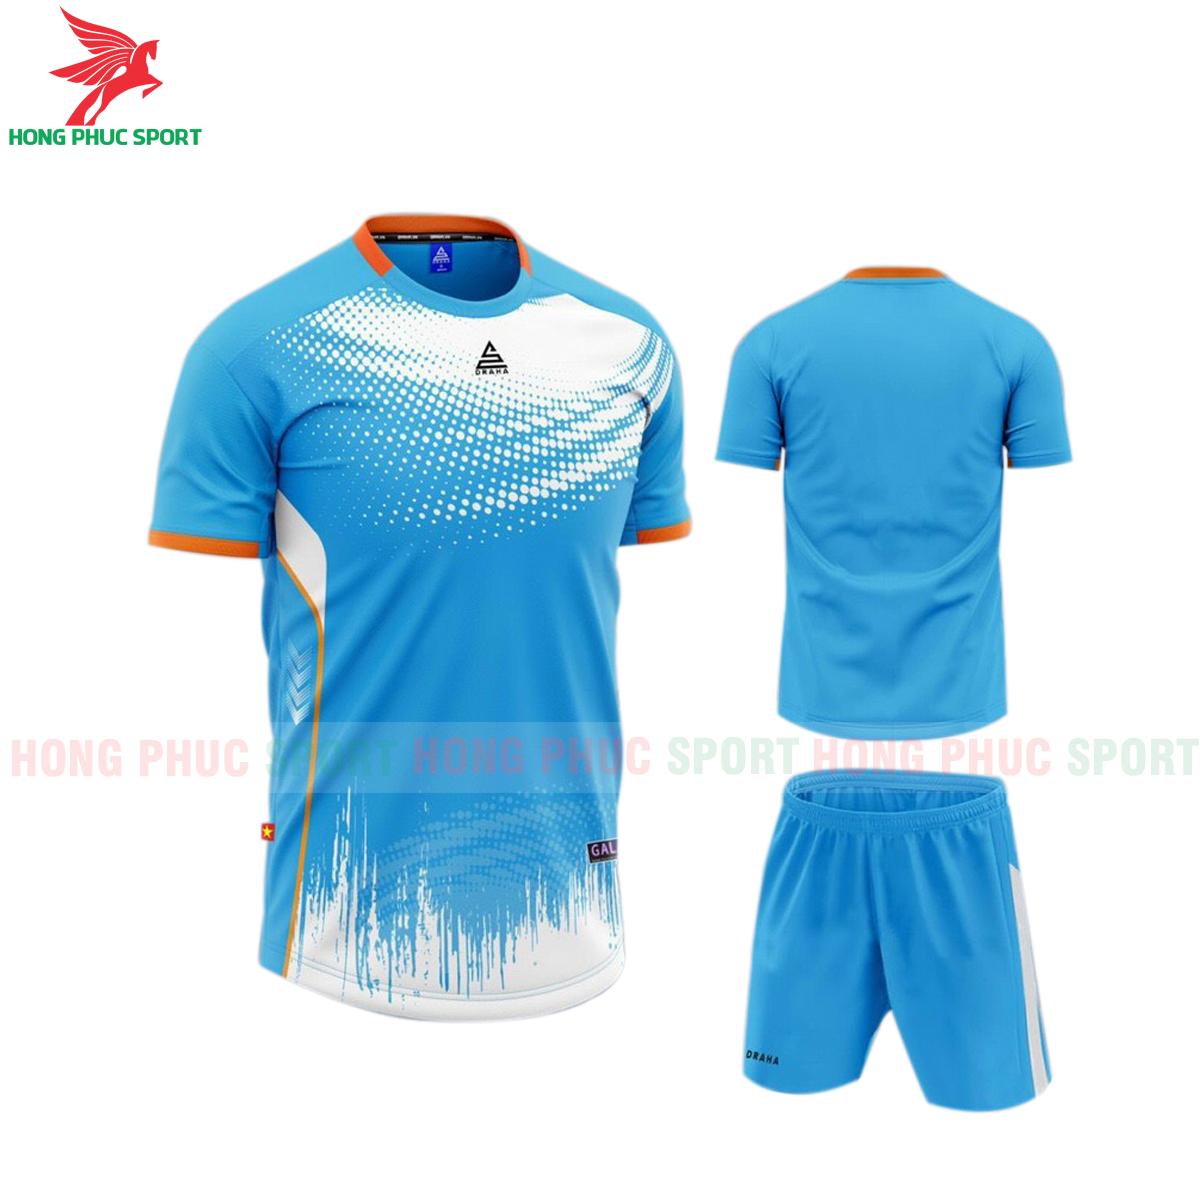 Áo đá banh không logo Draha Galaxy 2021 màu xanh da